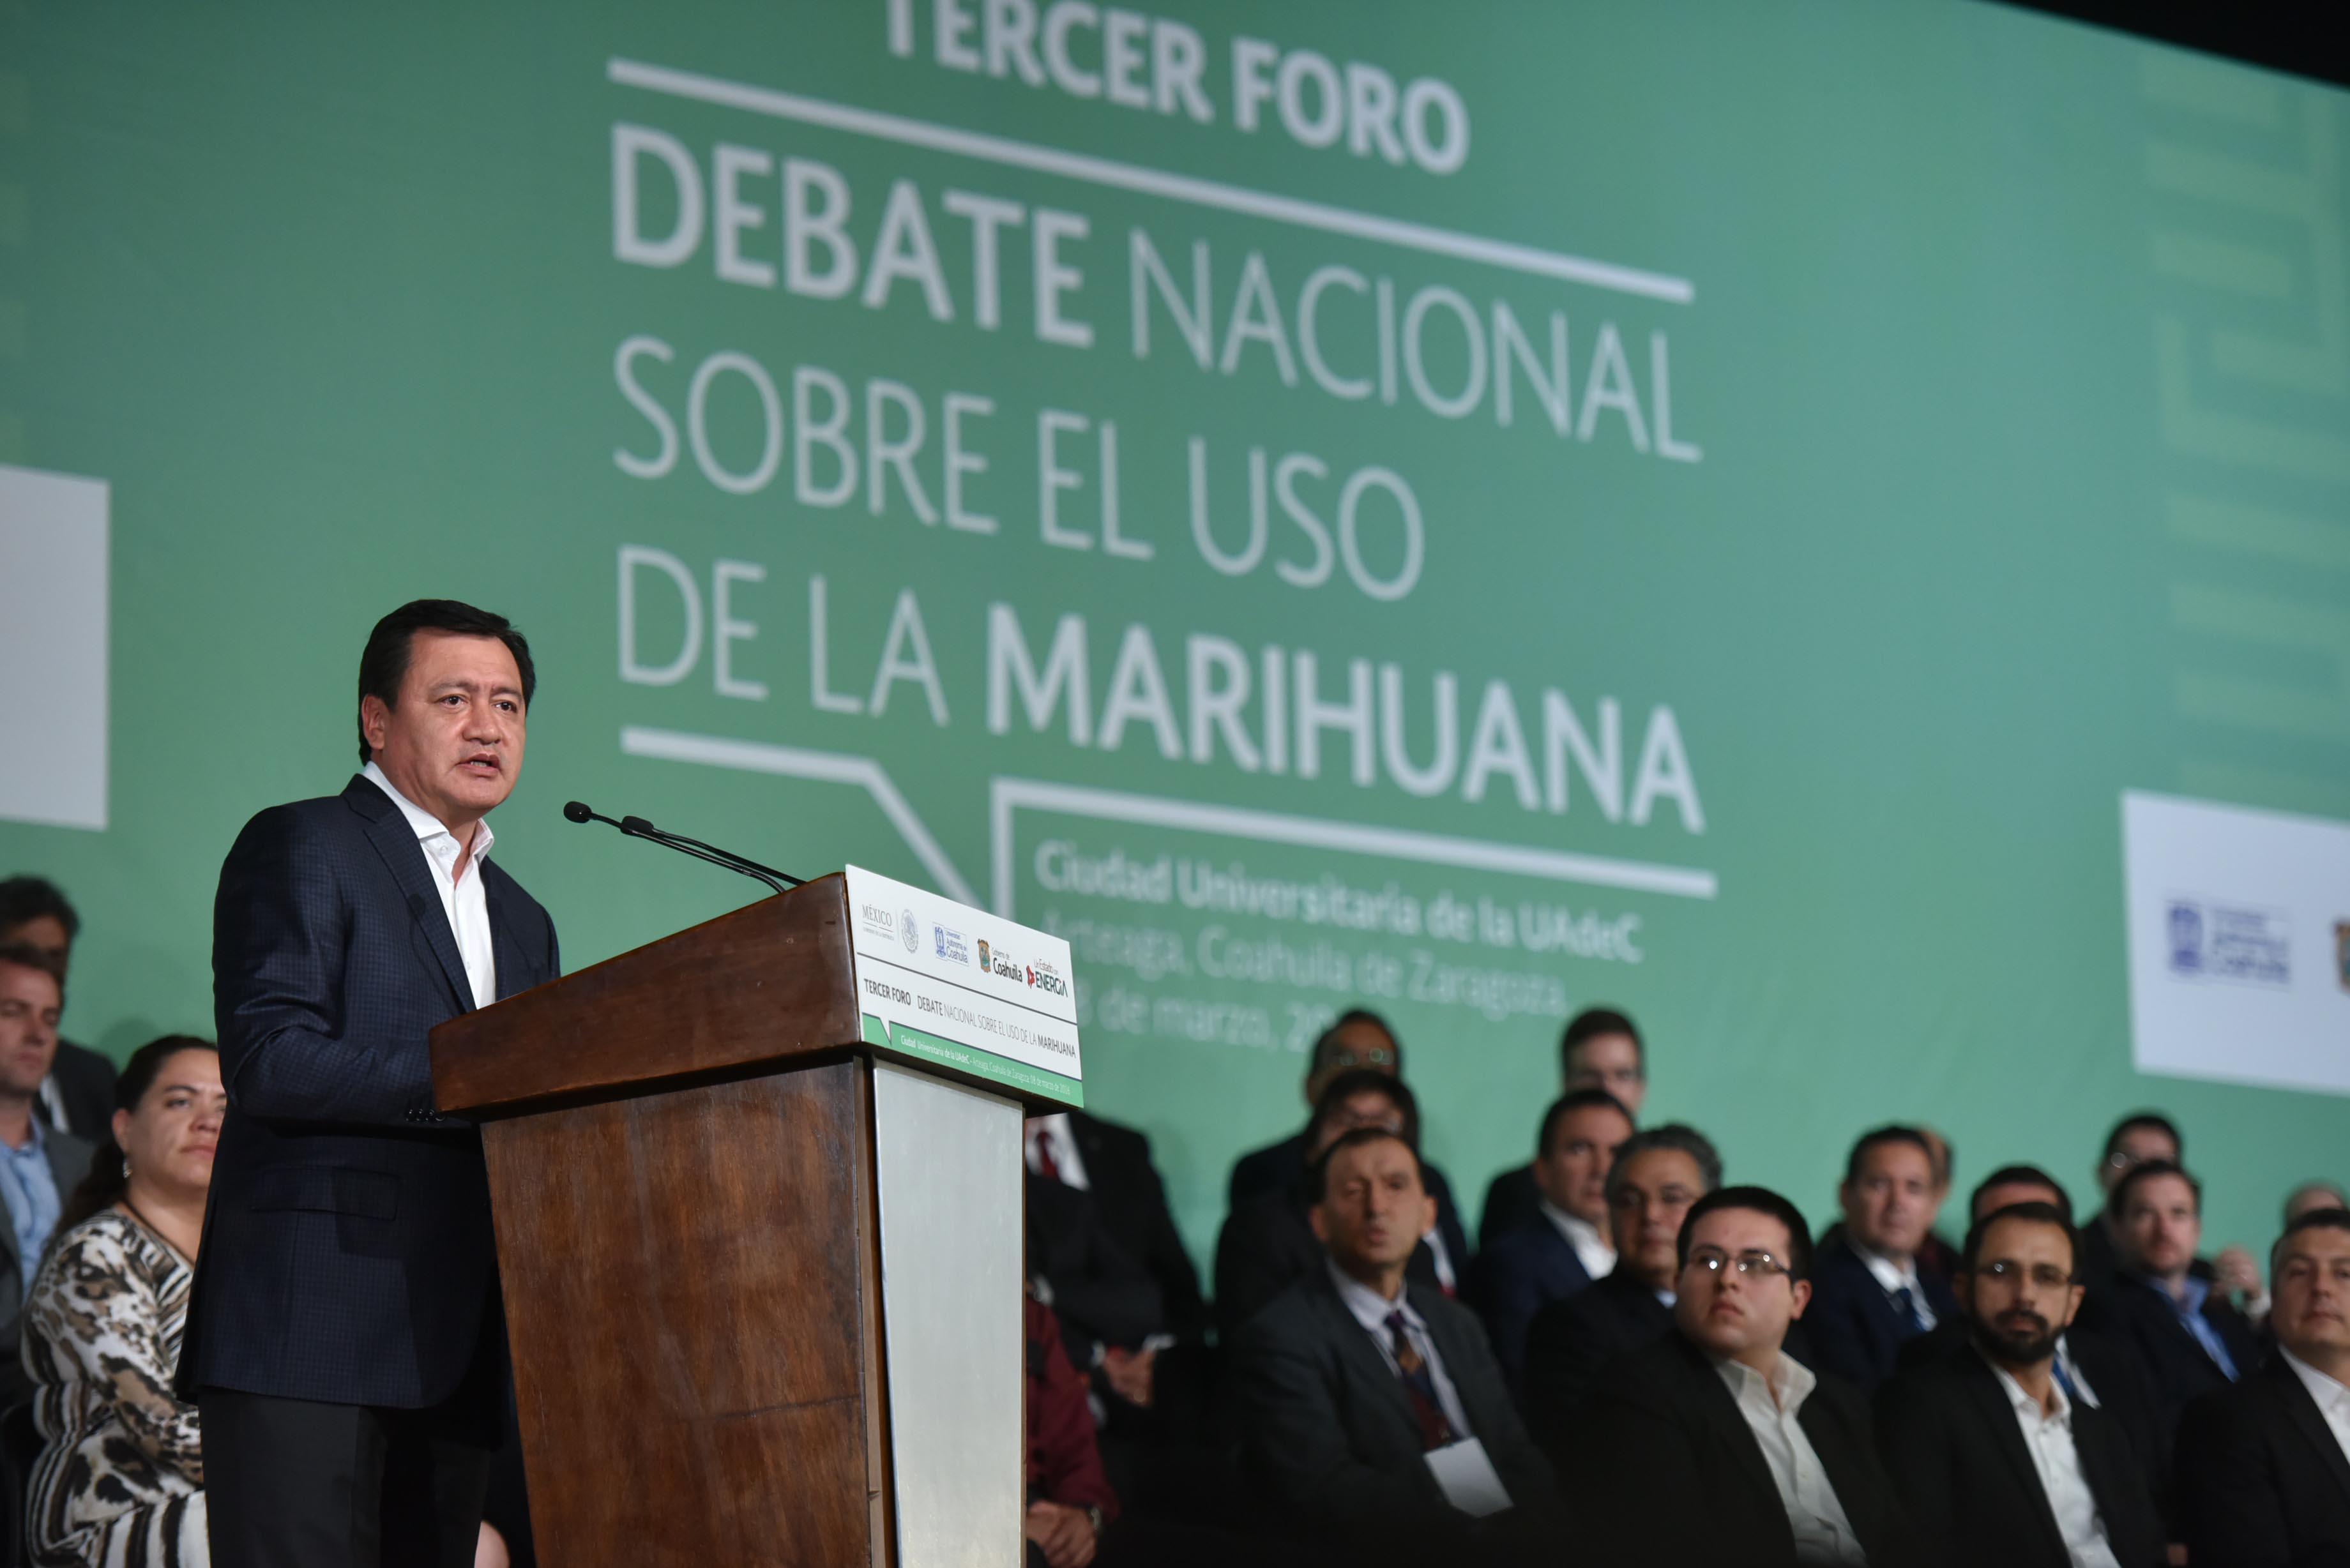 El Secretario de Gobernación, Miguel Ángel Osorio Chong, durante la Clausura el Tercer foro sobre el Uso de la Marihuana realizado en Arteaga, Coahuila